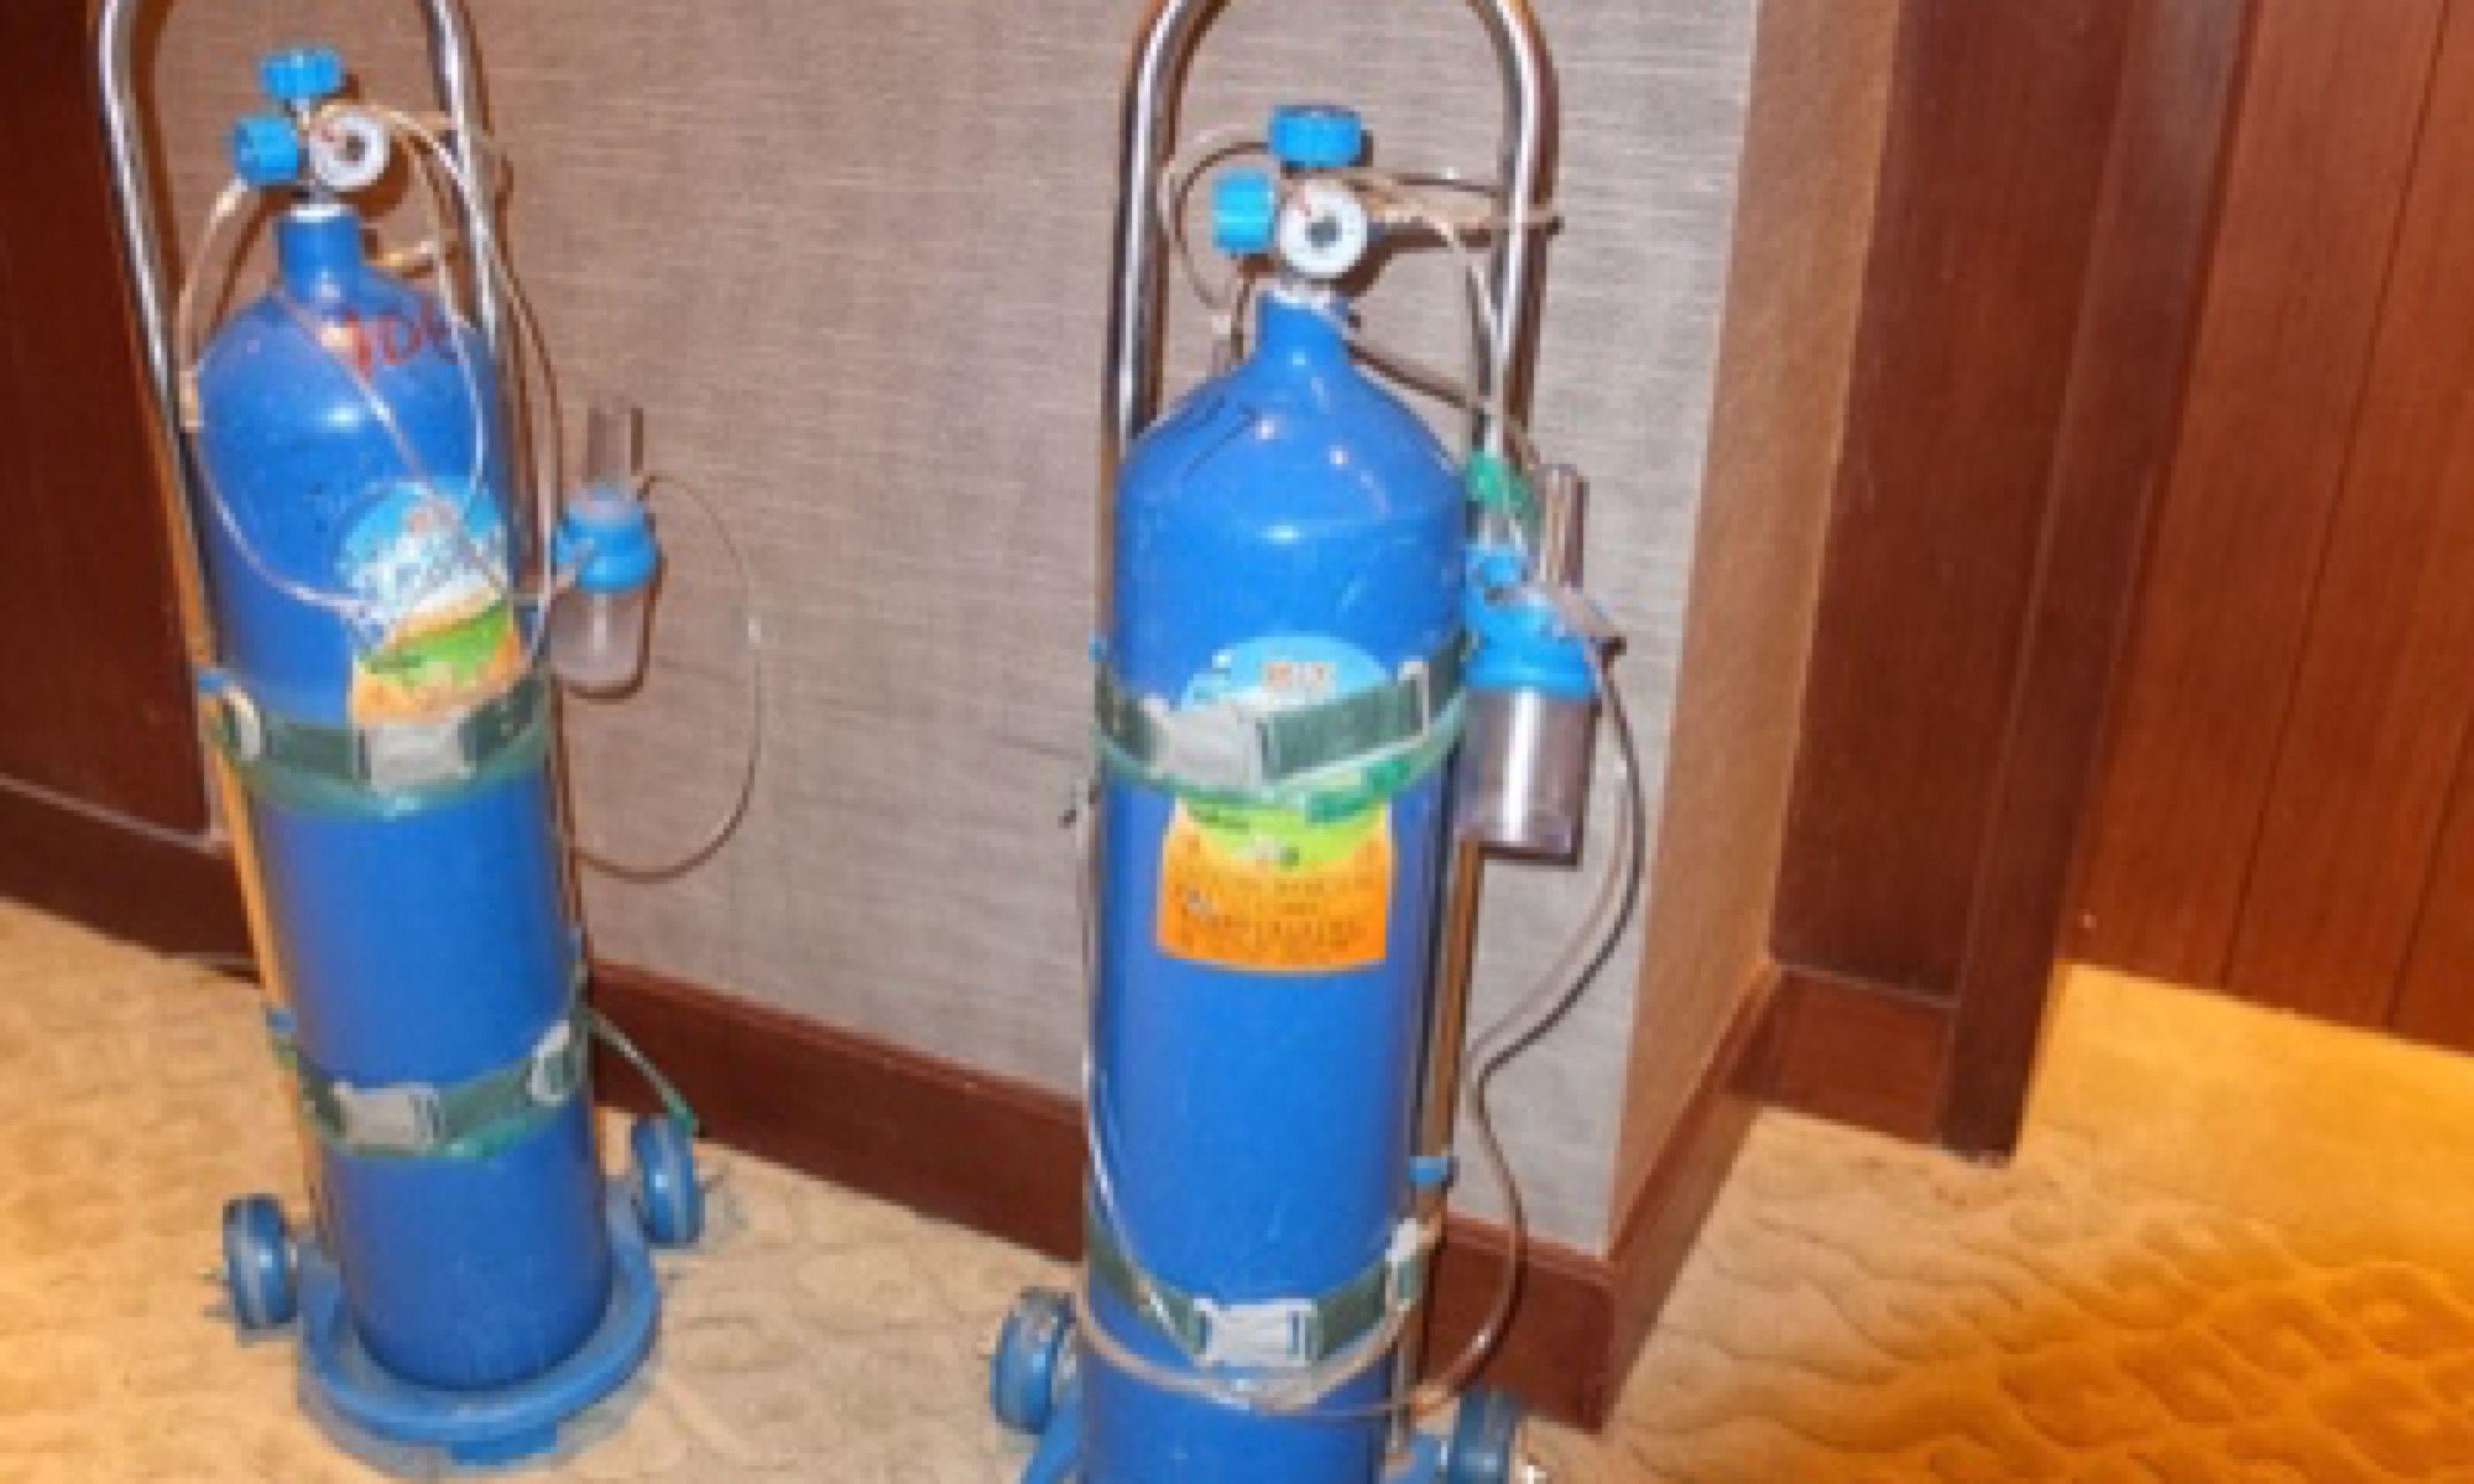 Hotel oxygen supplies (Matthew Woodward)